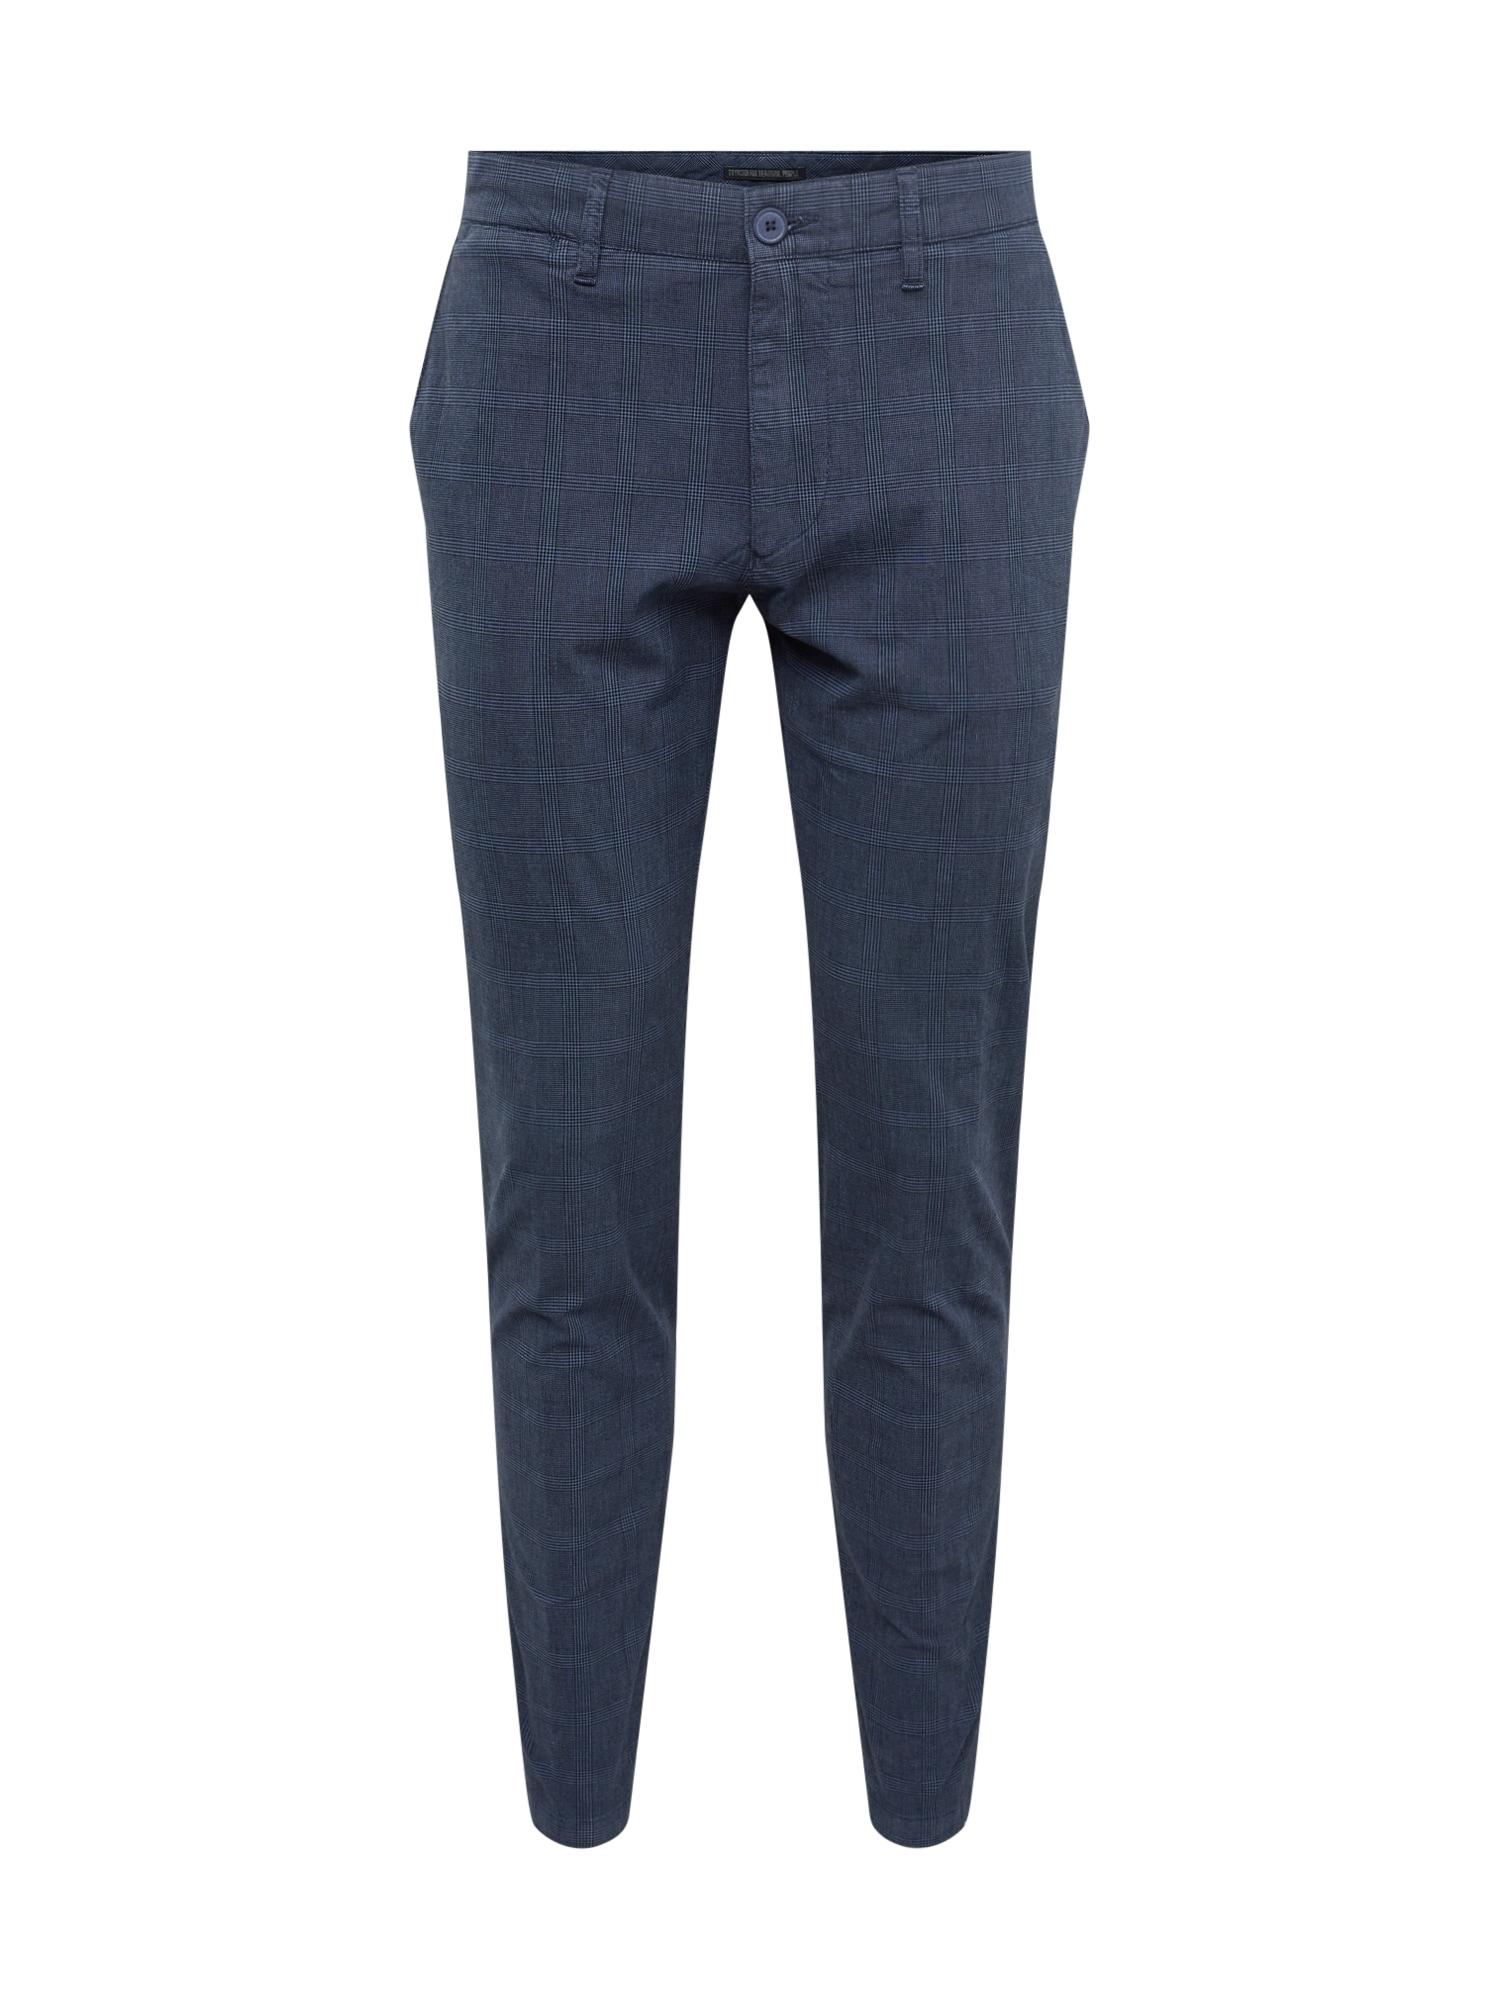 Chino kalhoty MAD tmavě modrá DRYKORN